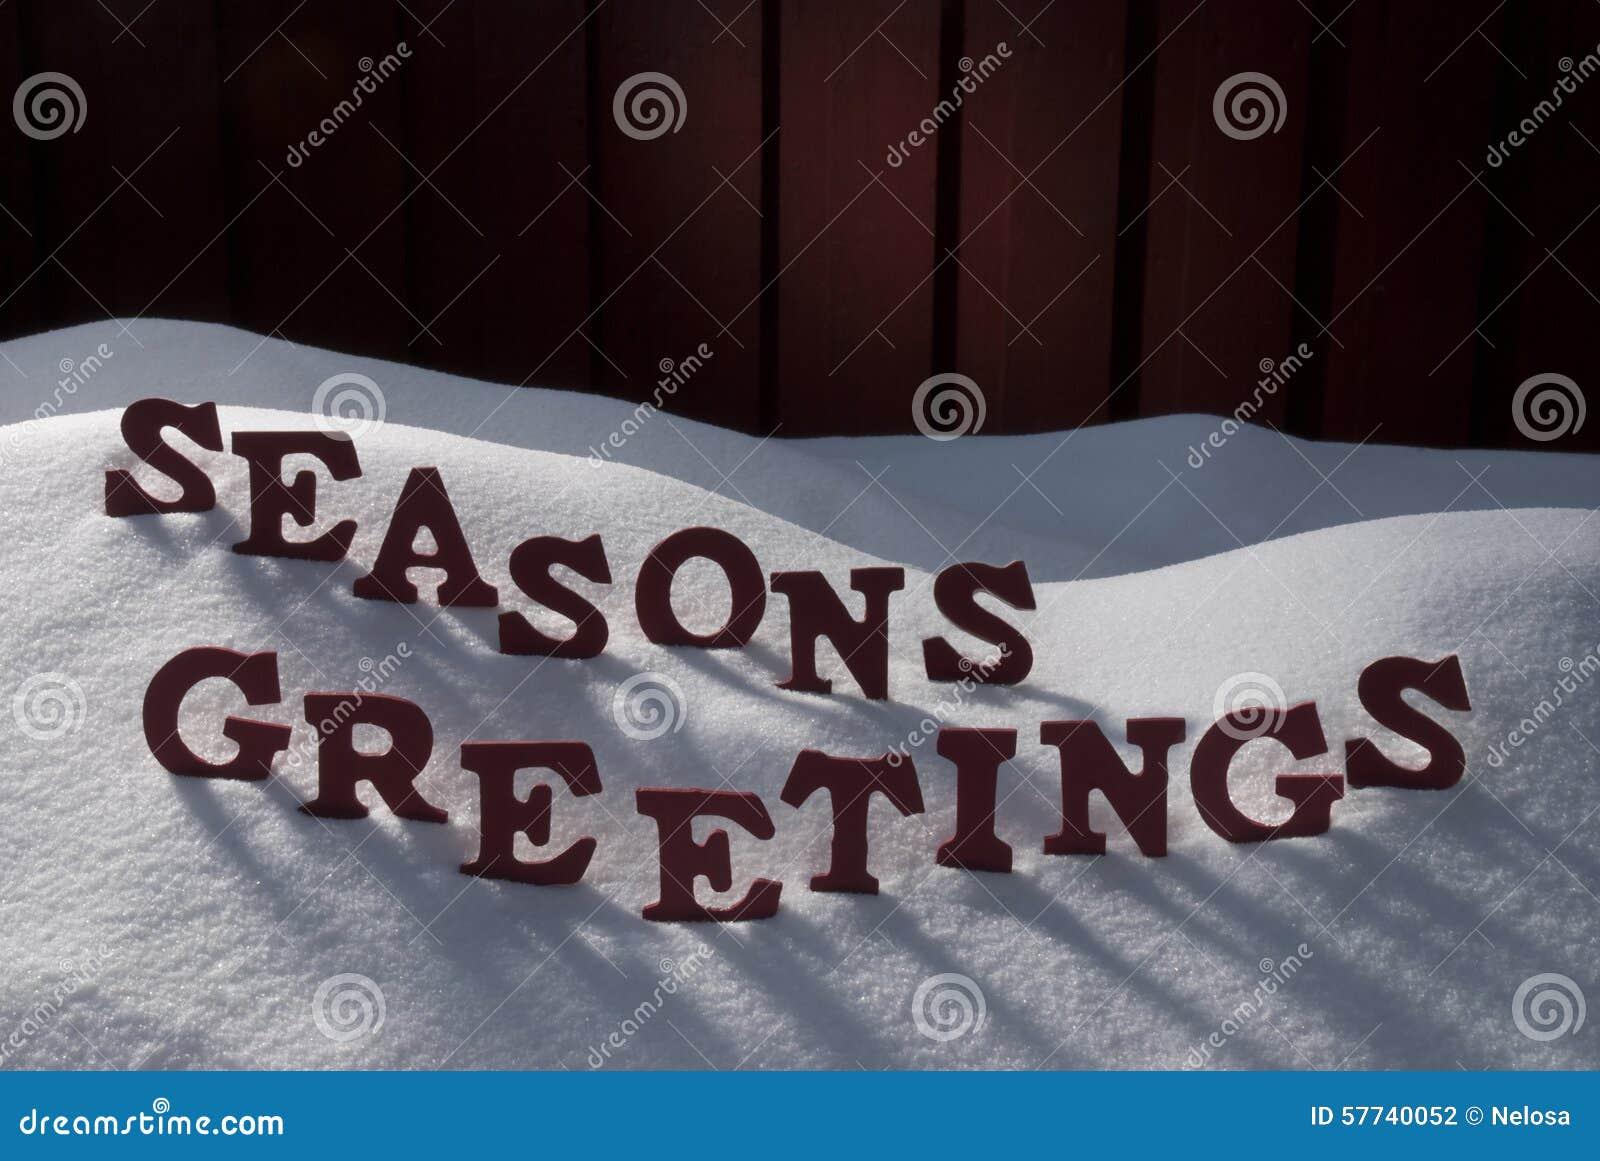 Weihnachtswort Würzt Grüße Auf Schnee Stockfoto - Bild von leuchte ...